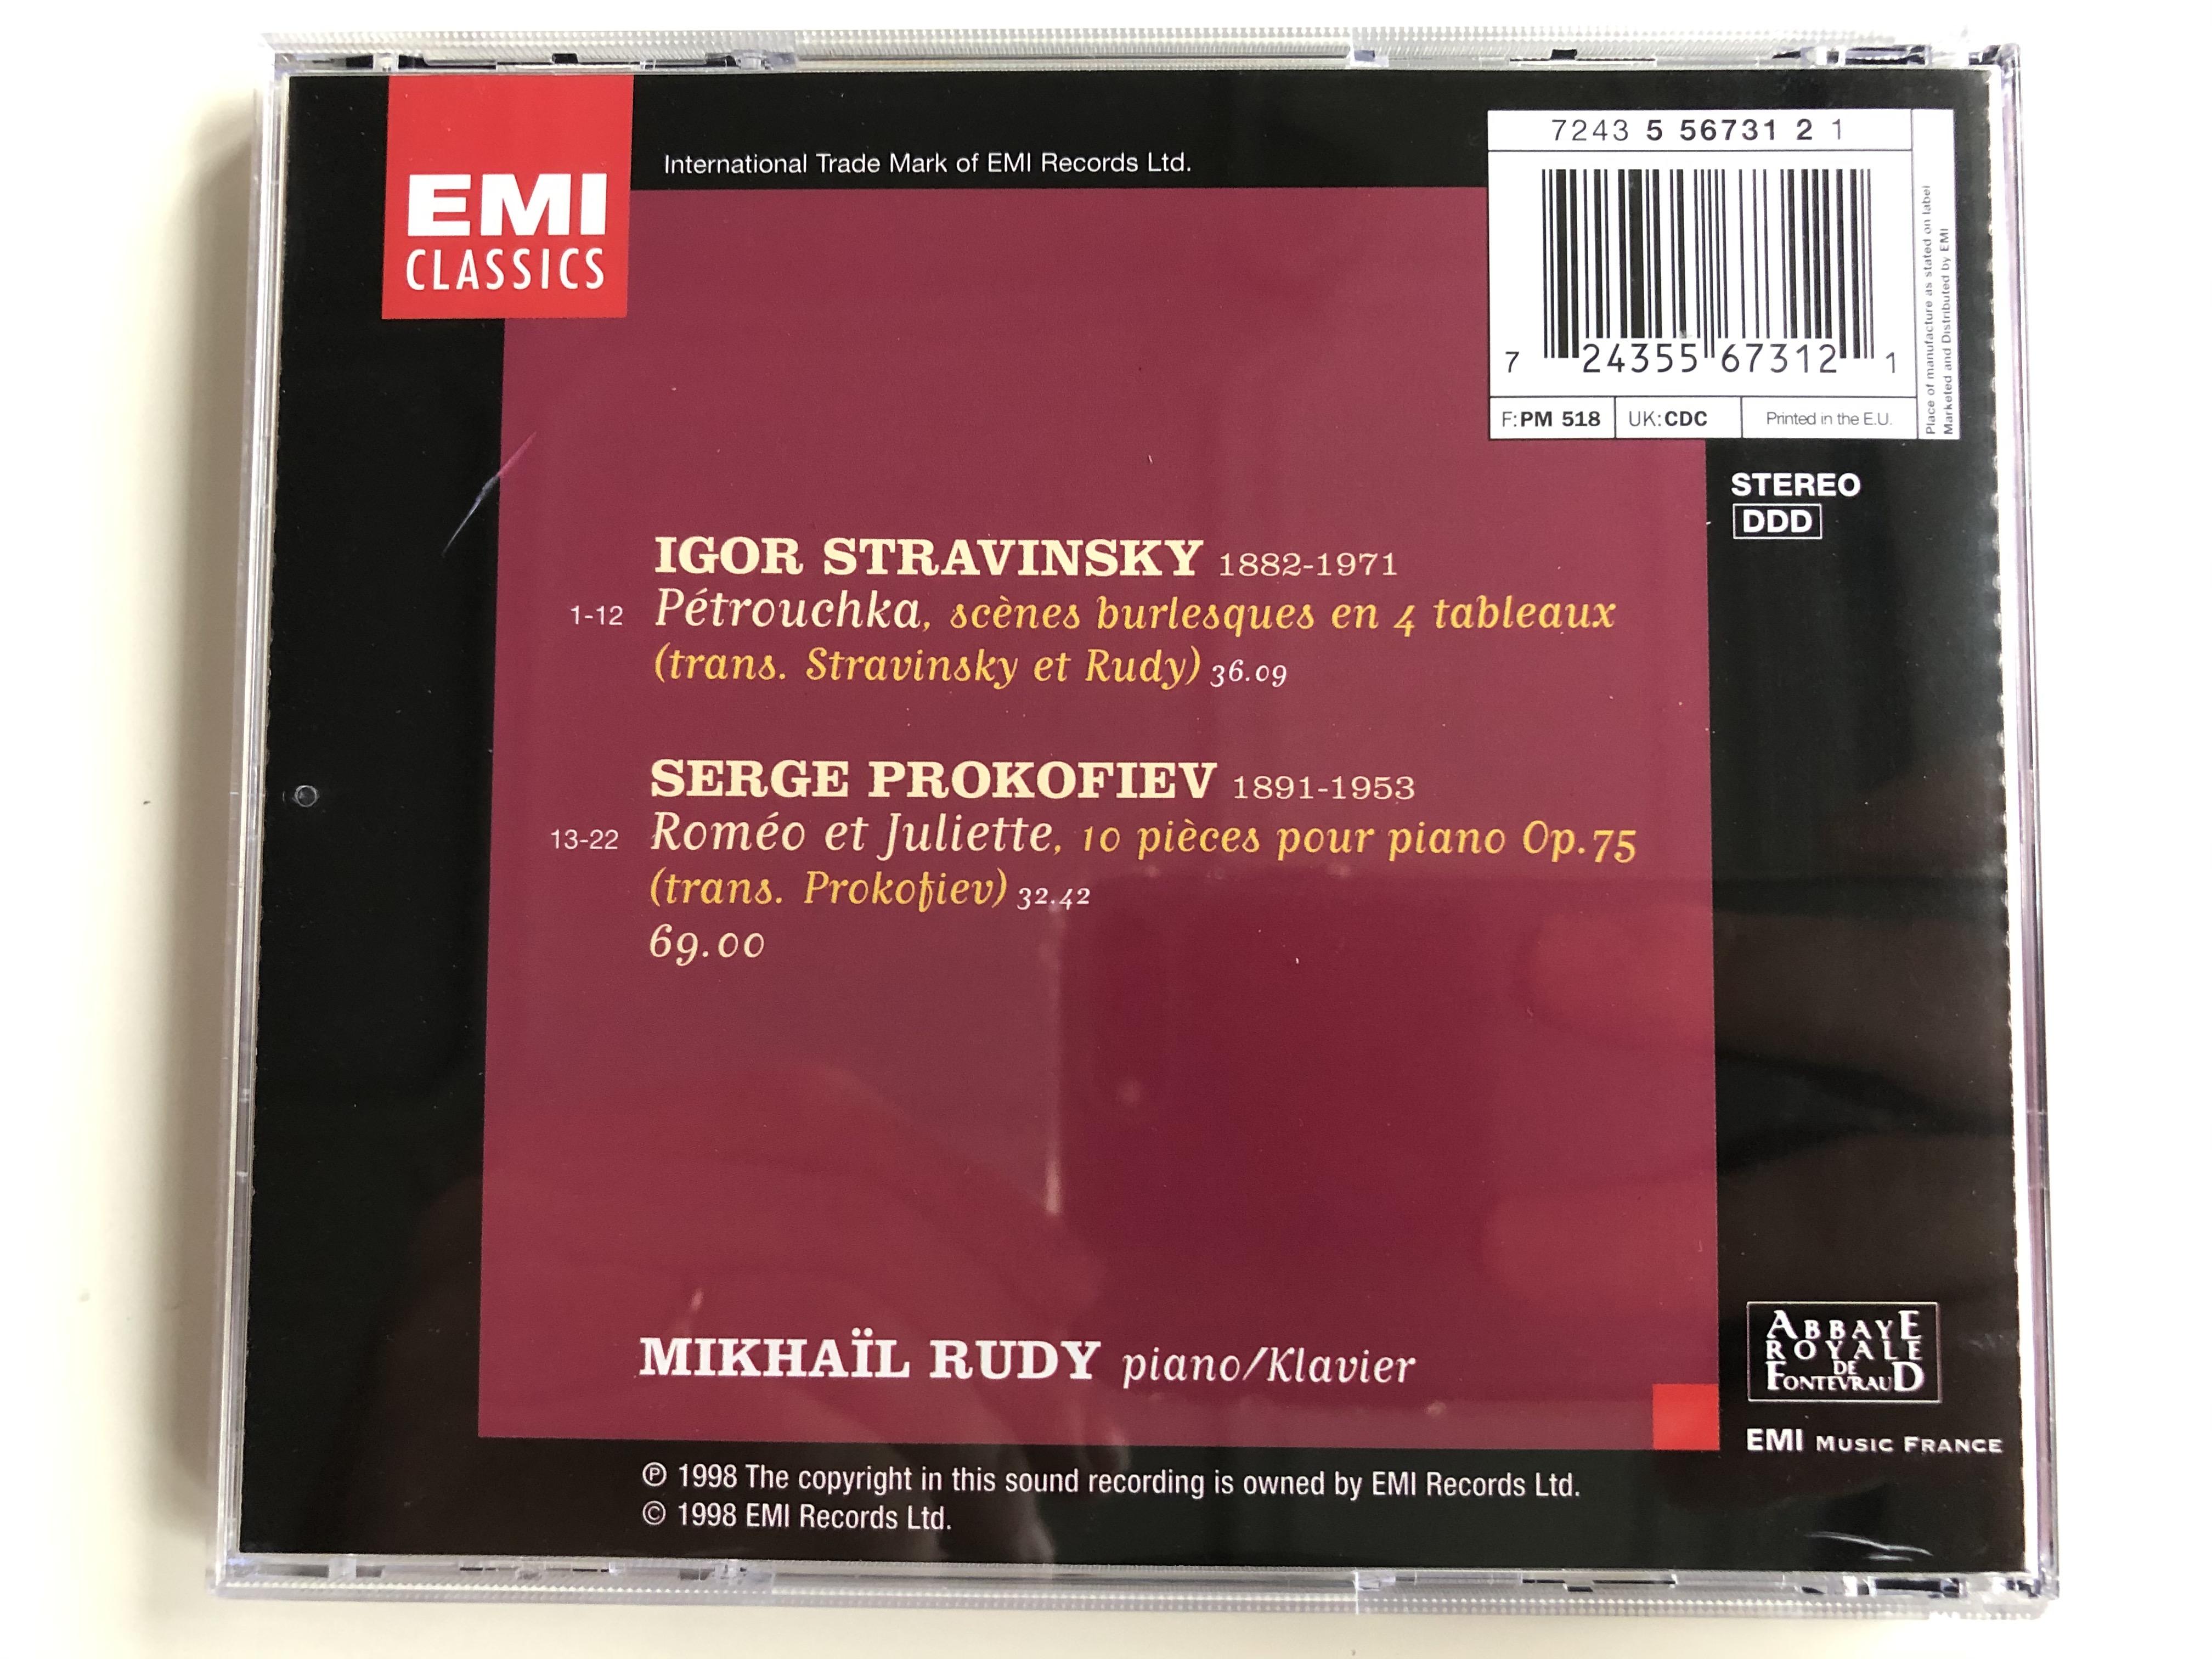 stravinsky-p-trouchka-prokofiev-rom-o-et-juliette-mikha-l-rudy-emi-classics-audio-cd-1998-724355673121-2-.jpg